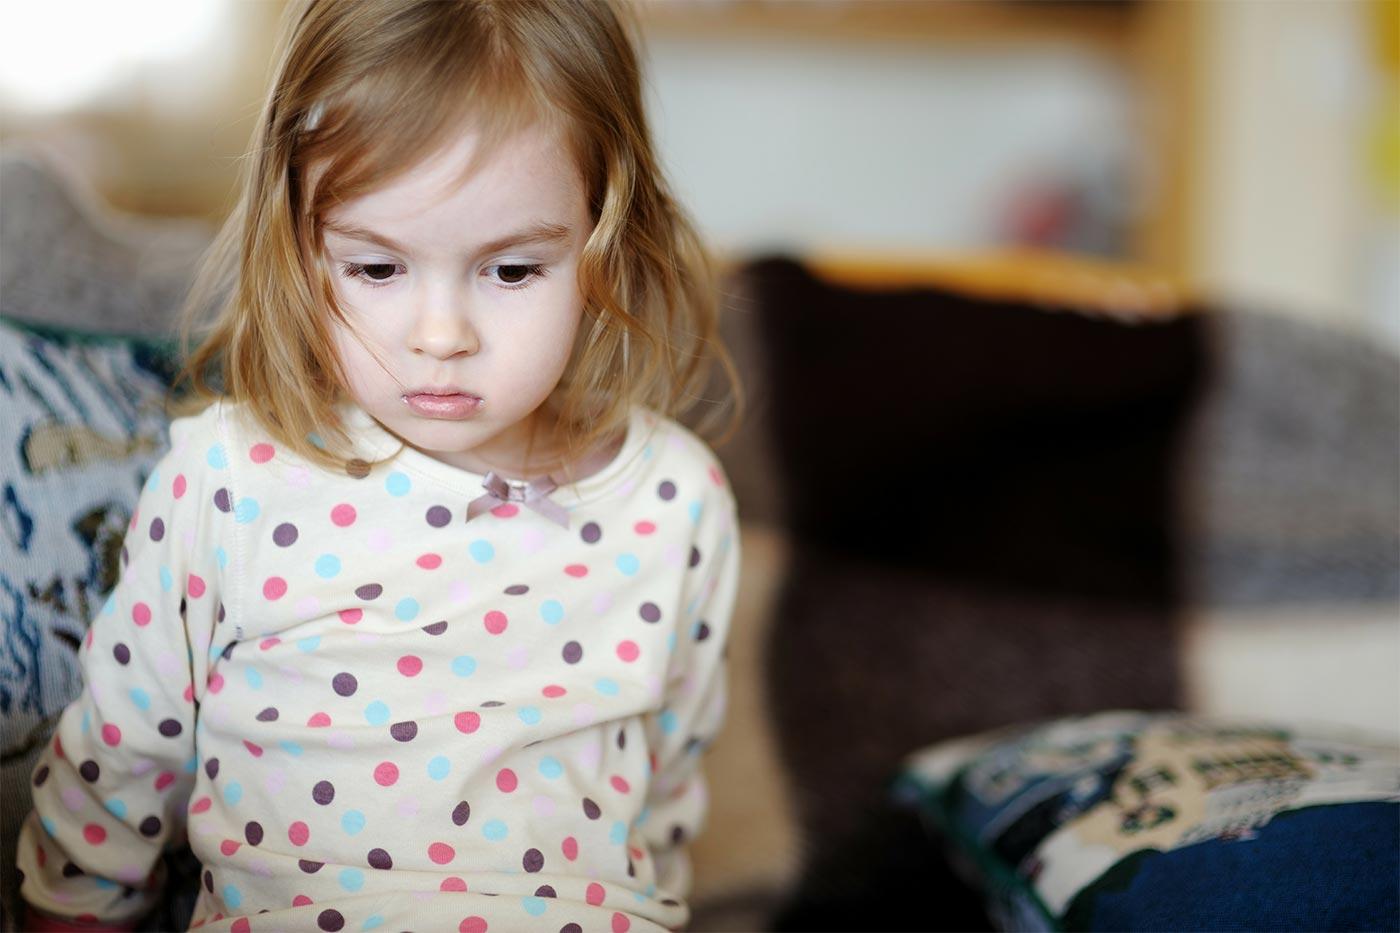 Little girl in her pajamas, scared in the dark